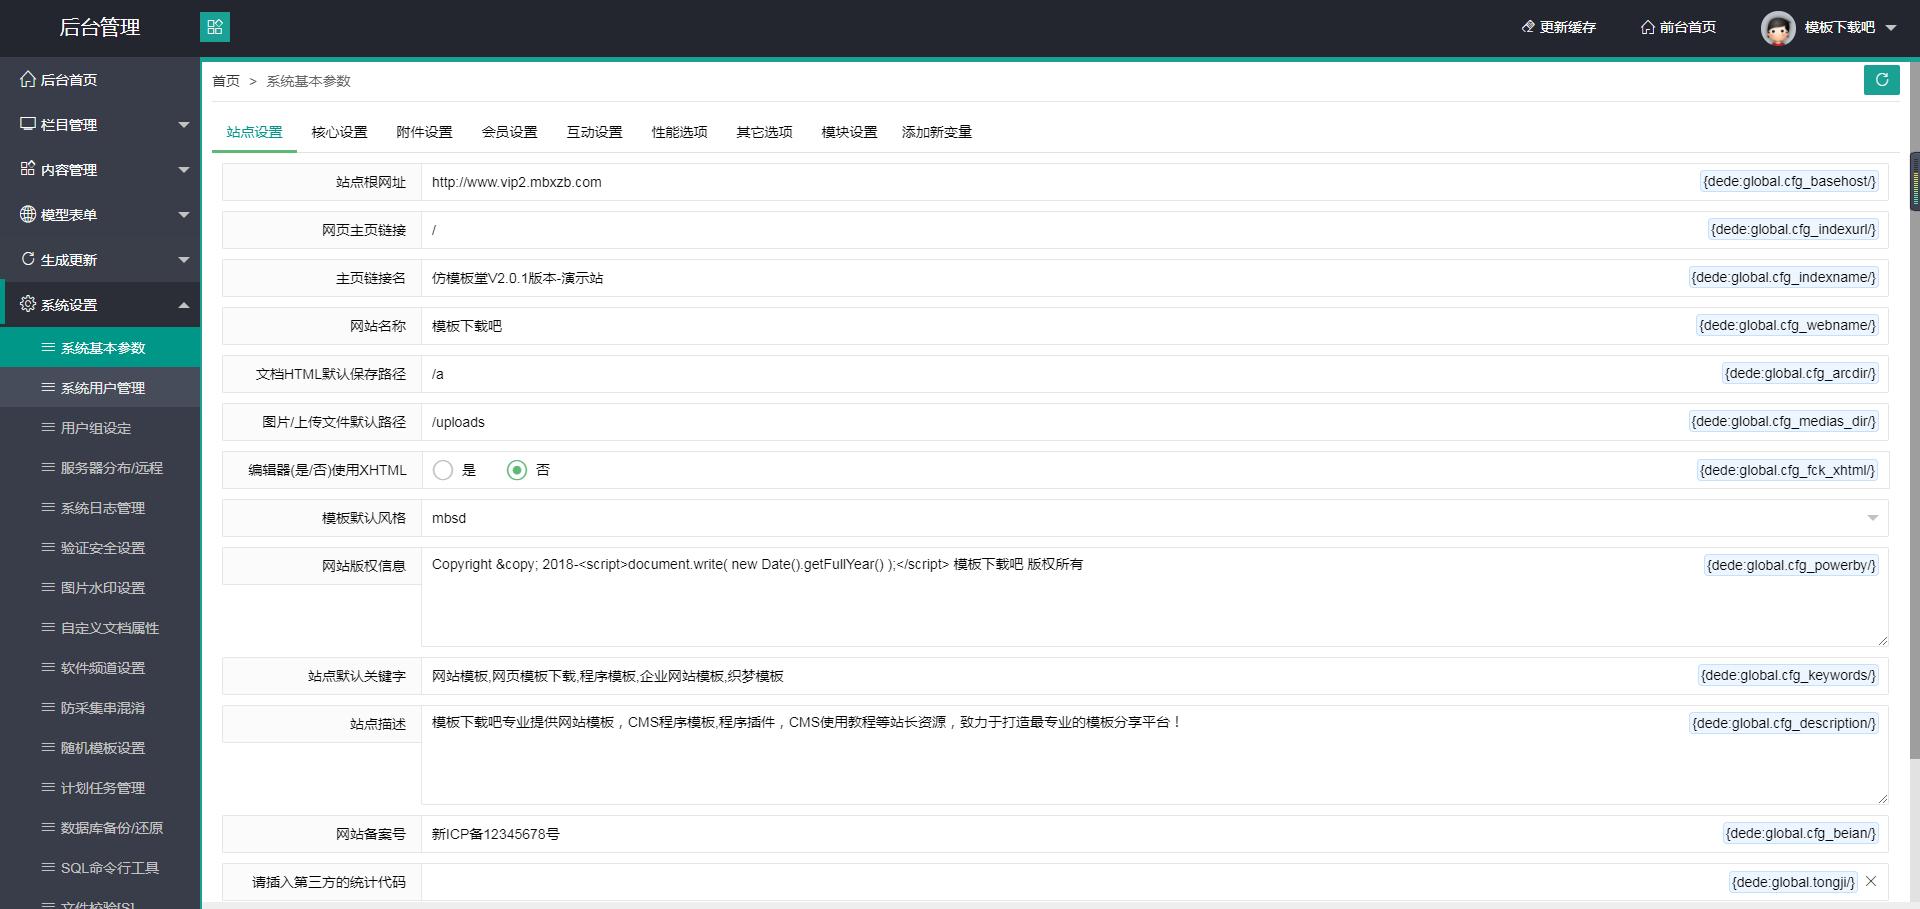 【V2.0.1】织梦仿模板堂整站资源下载源码+采集+QQ一键登录+手机wap版